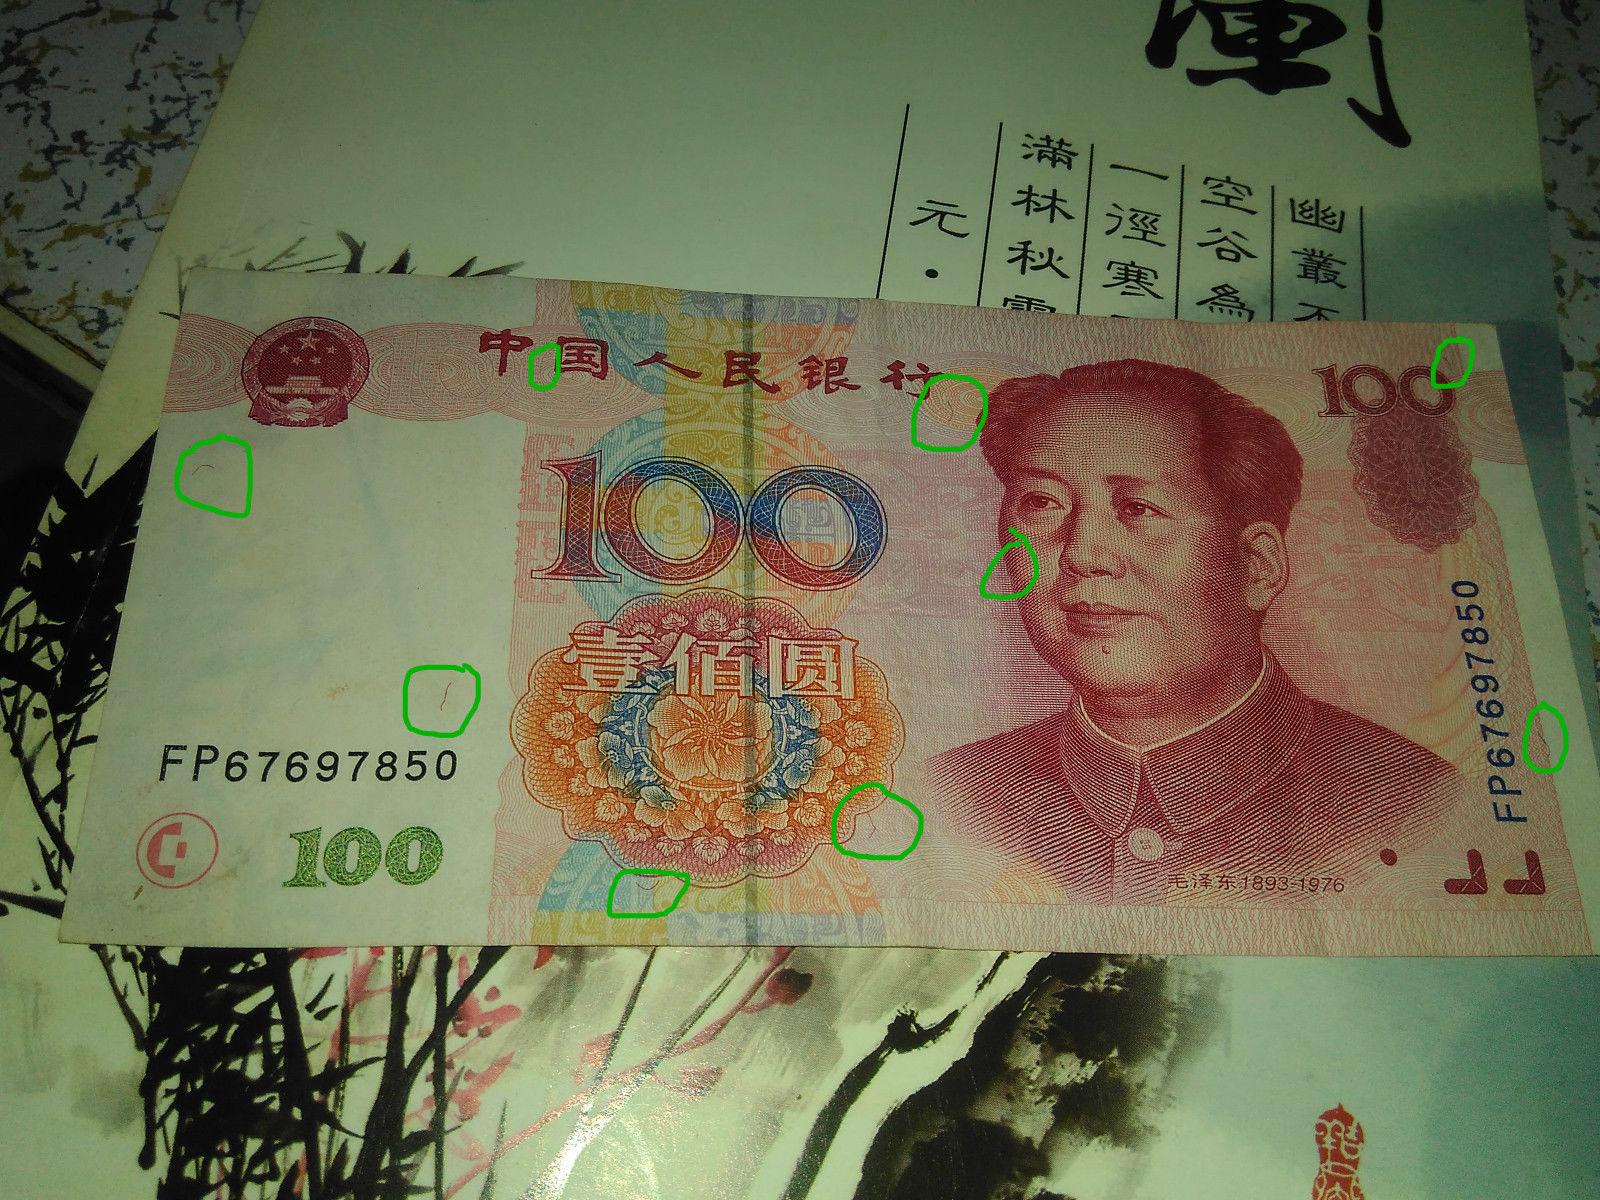 人民币�ya`��a���-�_上门收购错版人民币宁波杭州我手里有一张错版币05年百元毛爷爷嘴下角